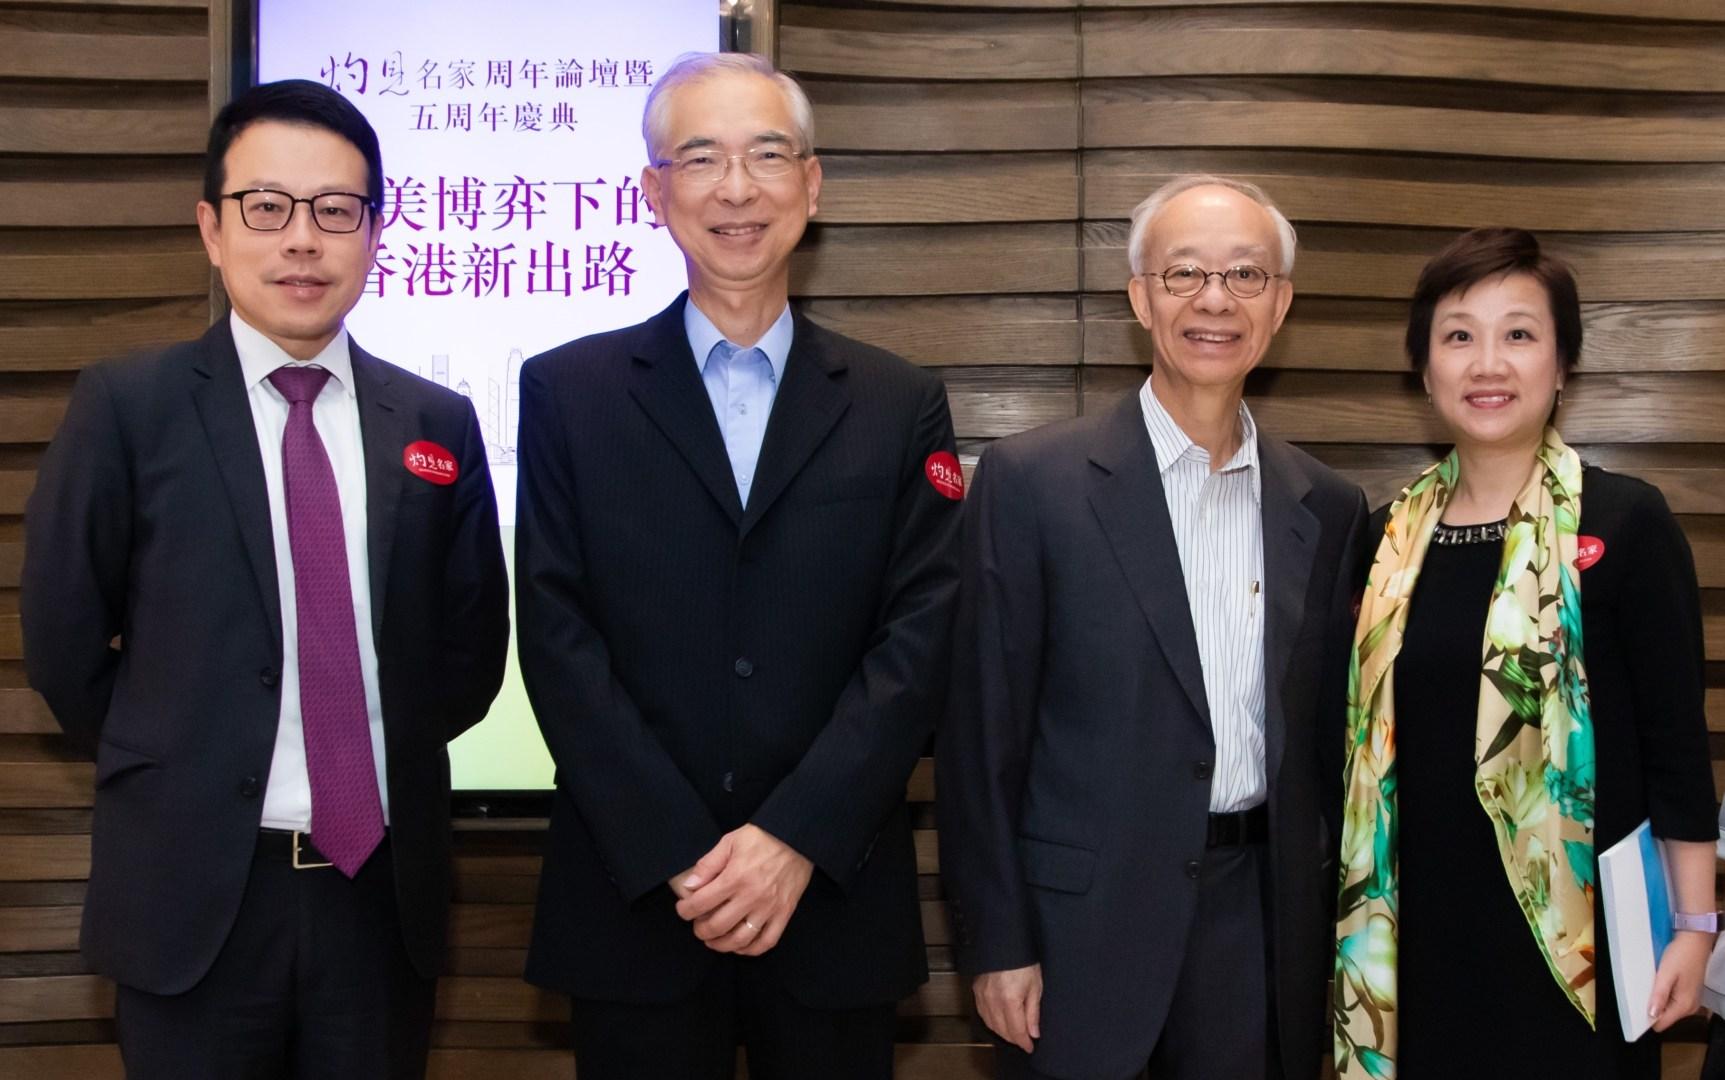 左起:香港房屋協會副行政總裁陳欽勉先生、地政總署前署長劉勵超先生、 屋宇署前署長鄔滿海先生、香港房屋協會助理總監(企業傳訊)梁綺蓮女士。